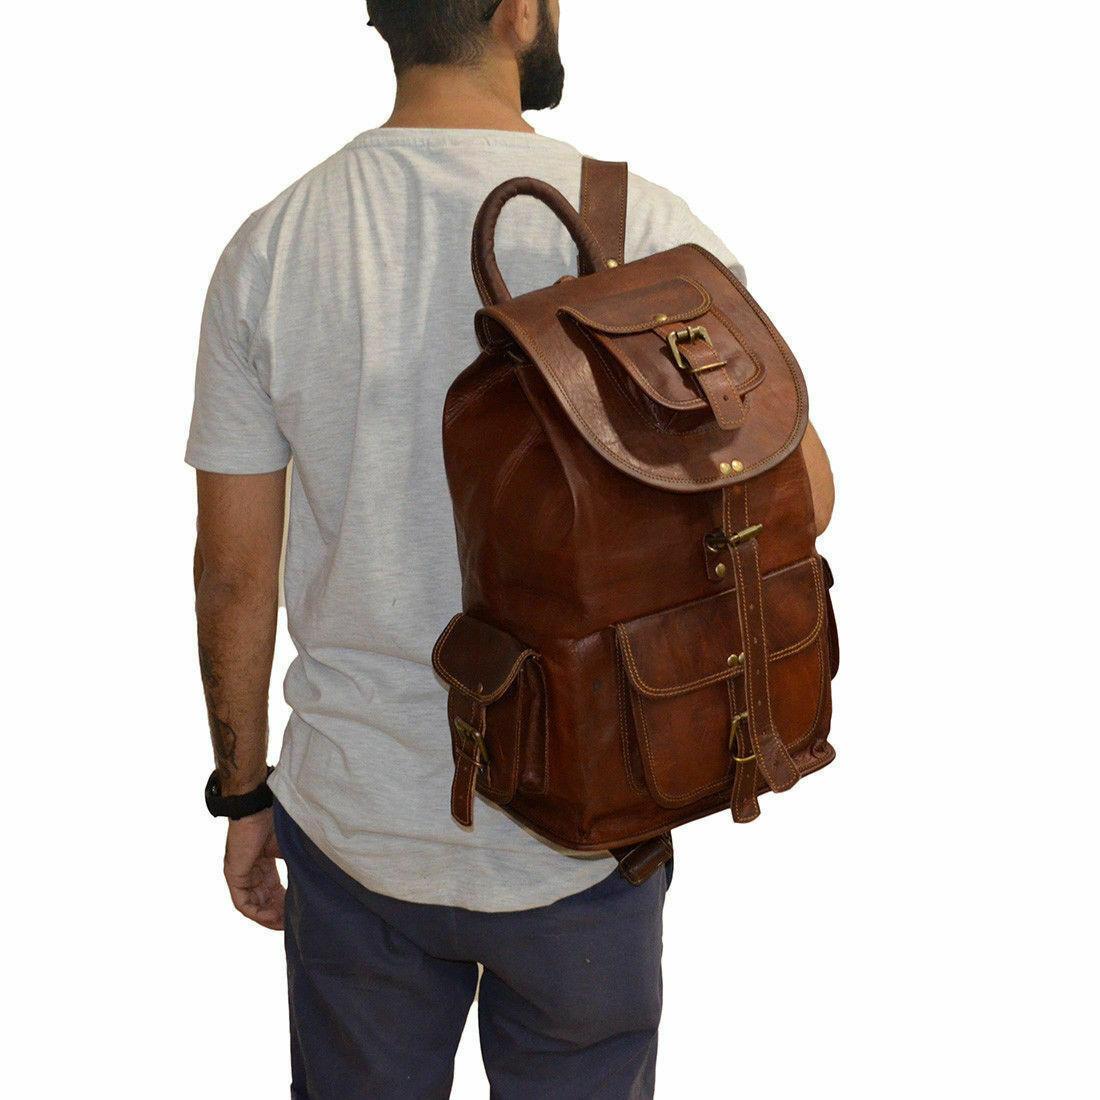 Bag Goat Leather Backpack Rucksack Laptop Genuine Travel Vintage Brown Bag